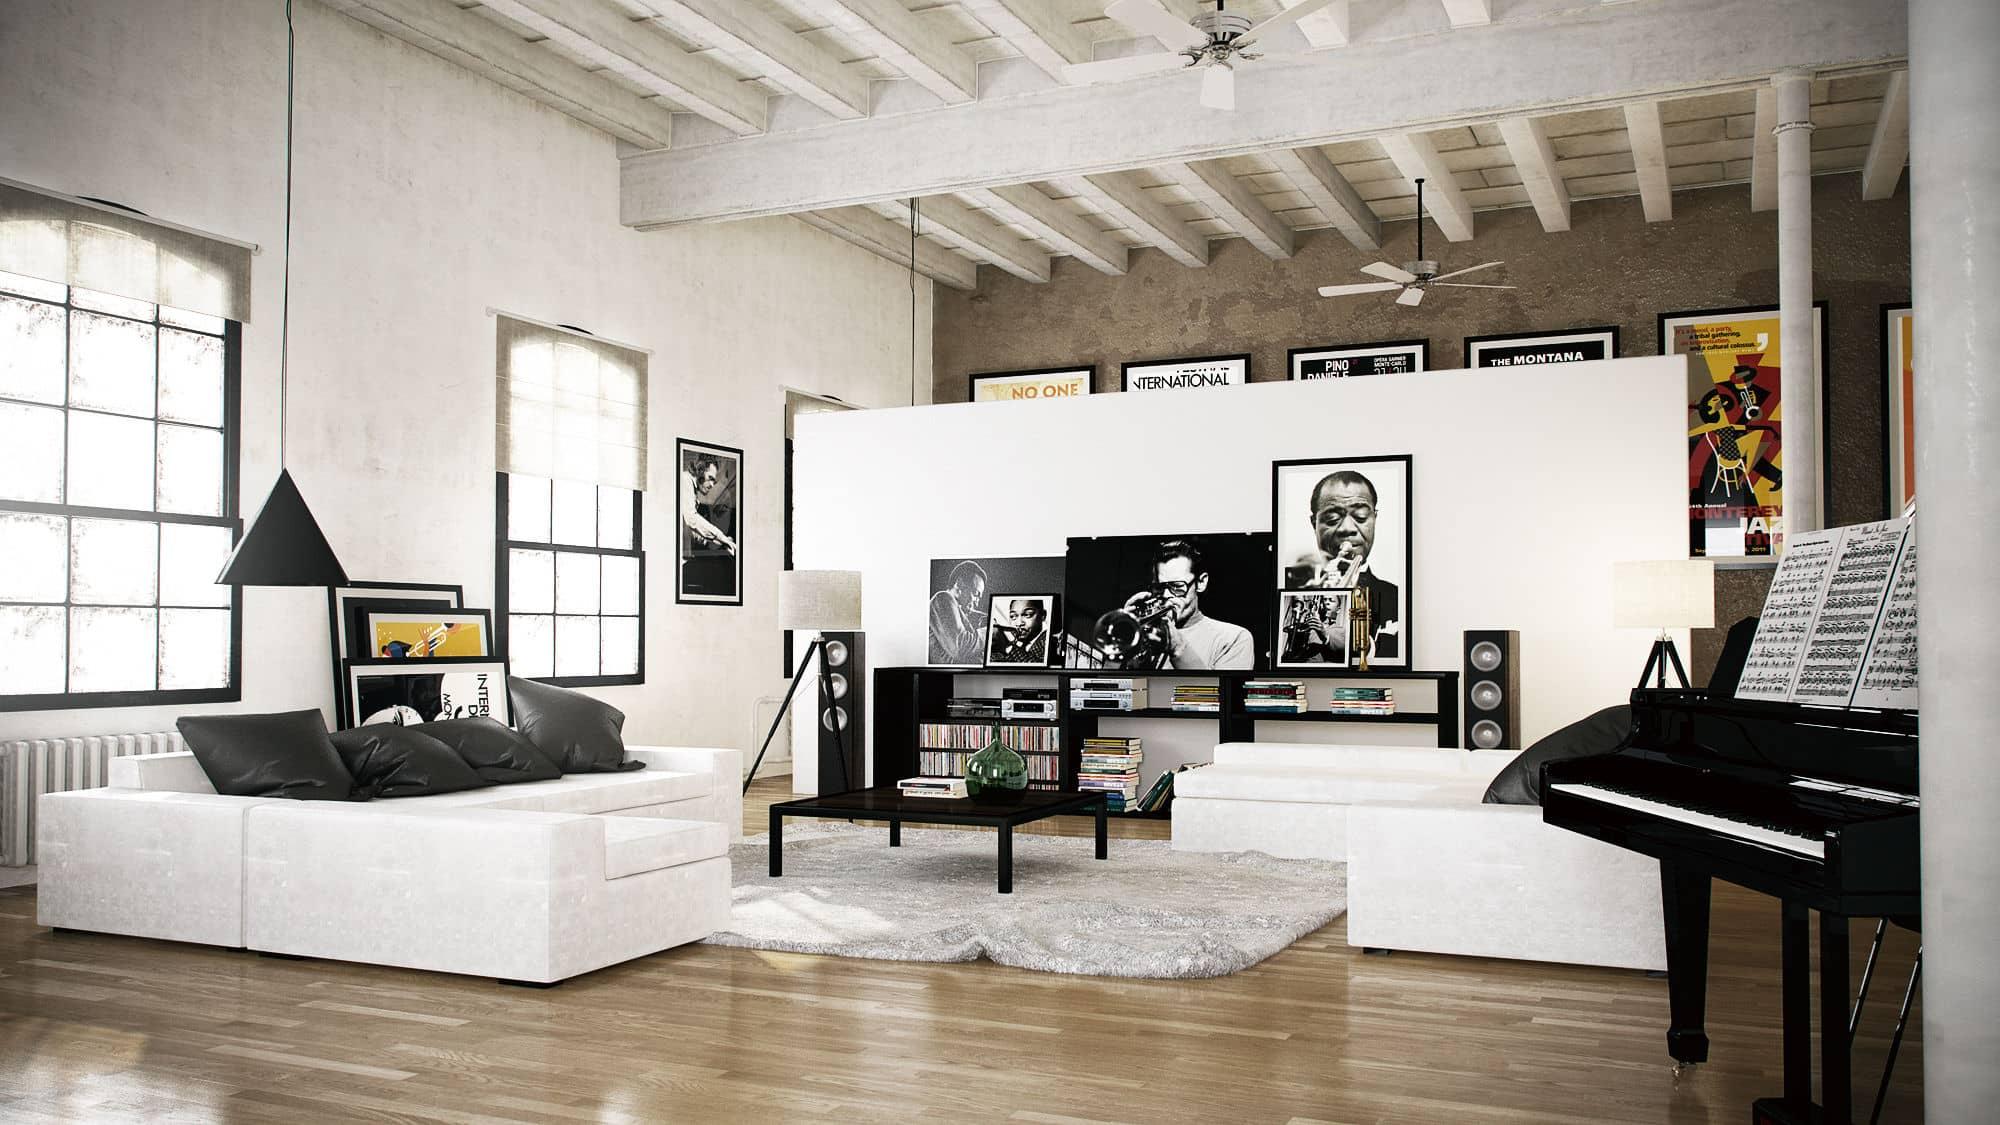 decoration loft reze 44 - Décoration d'un loft à Rezé (44)